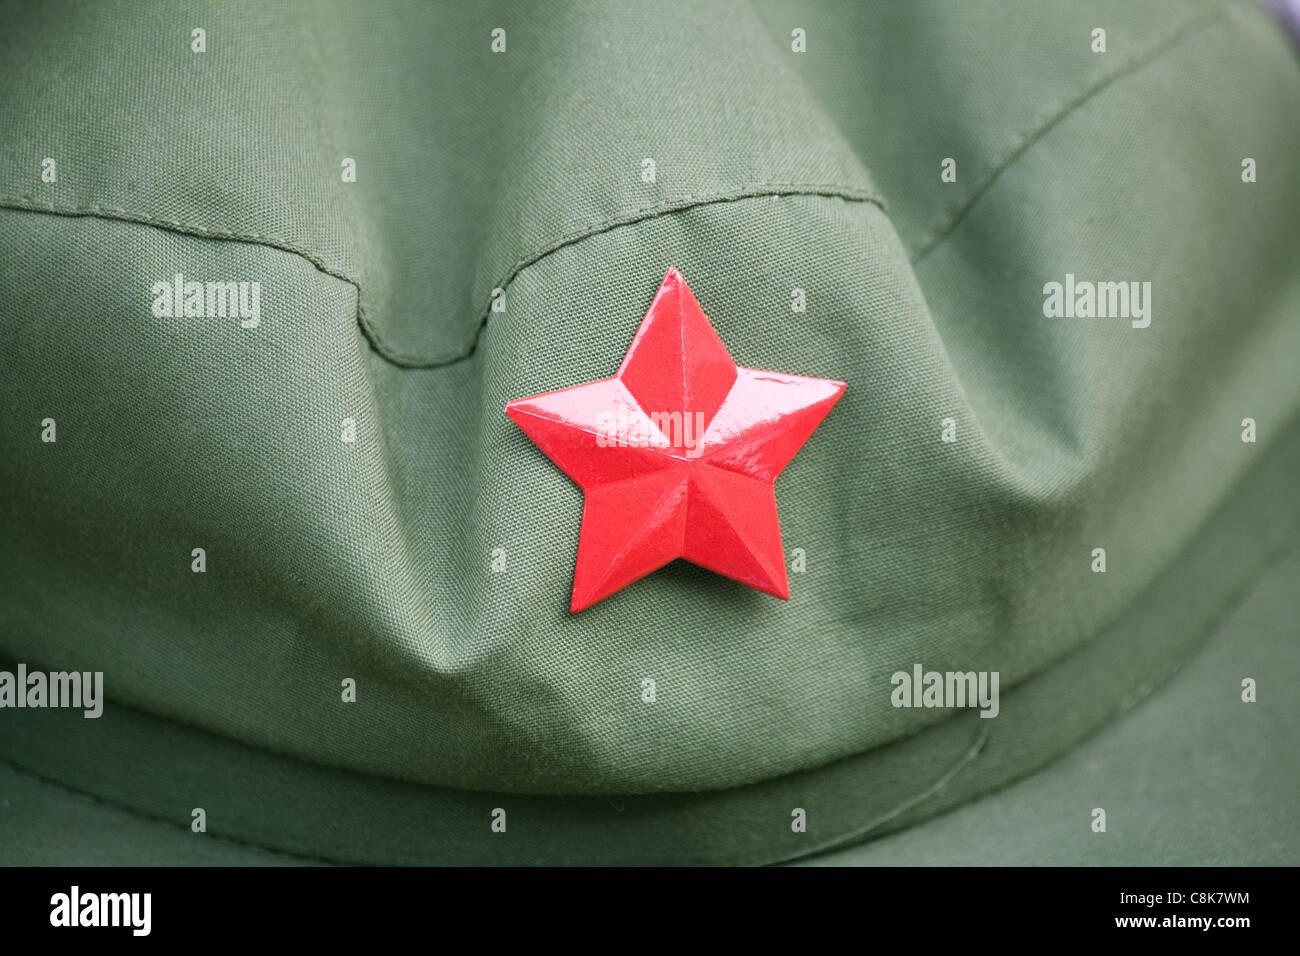 L'armée rouge avec une étoile rouge Photo Stock